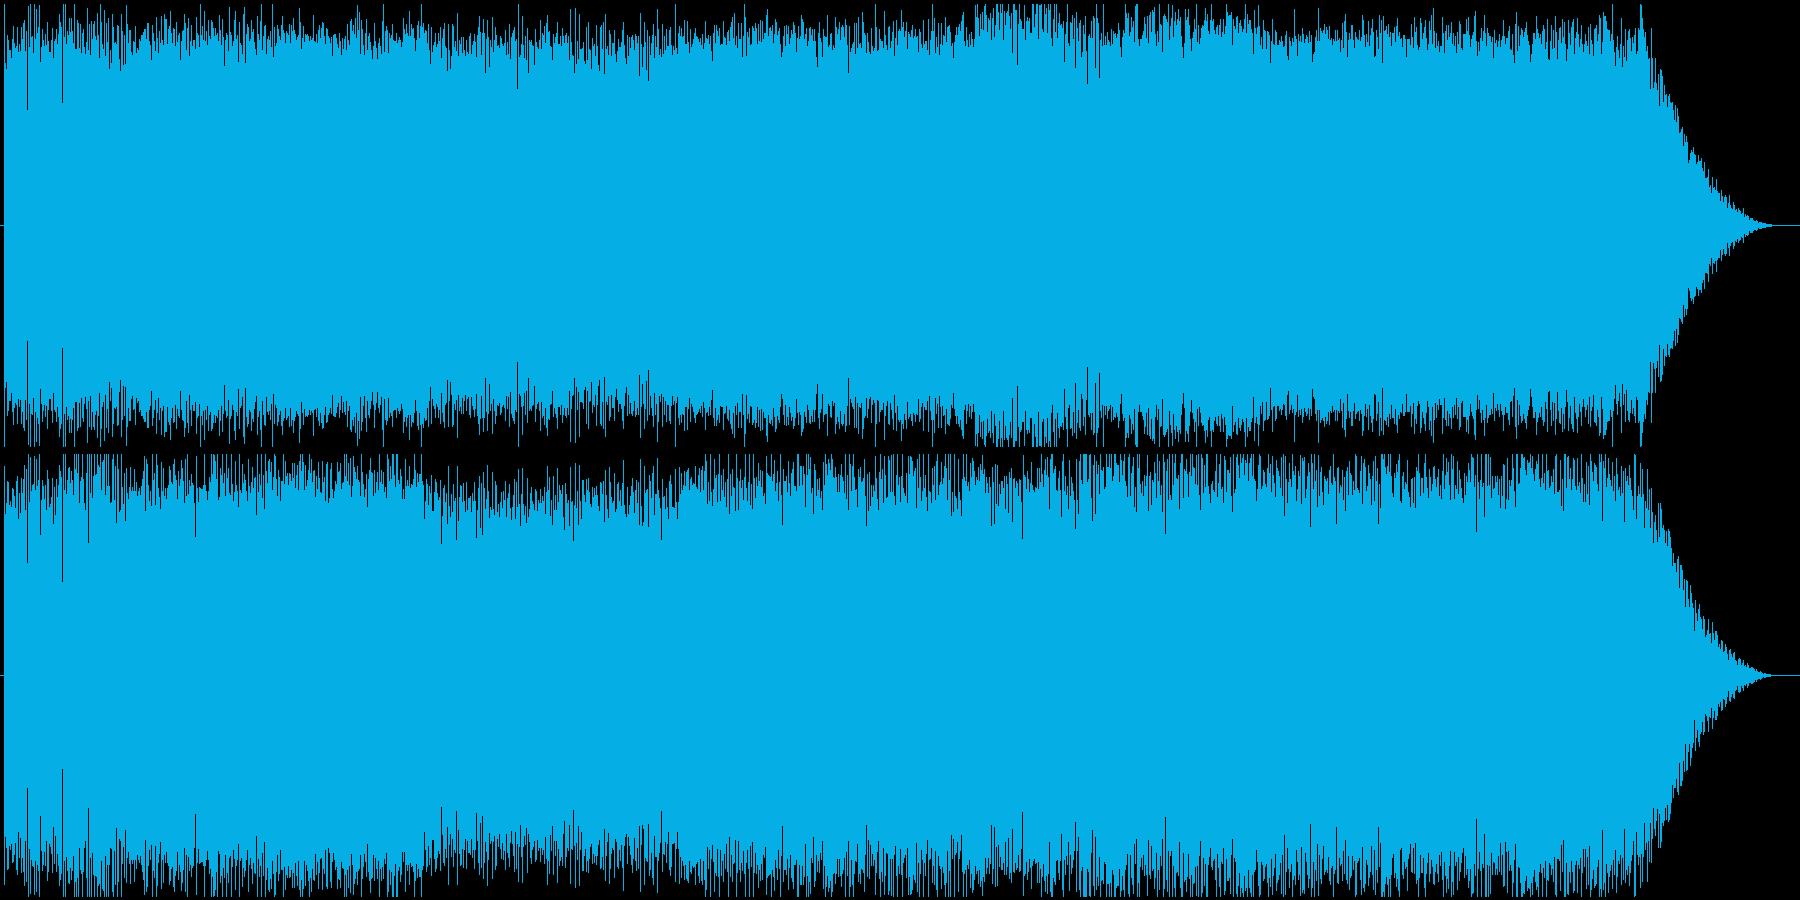 キャッチーで躍動感のあるエレクトロニカの再生済みの波形